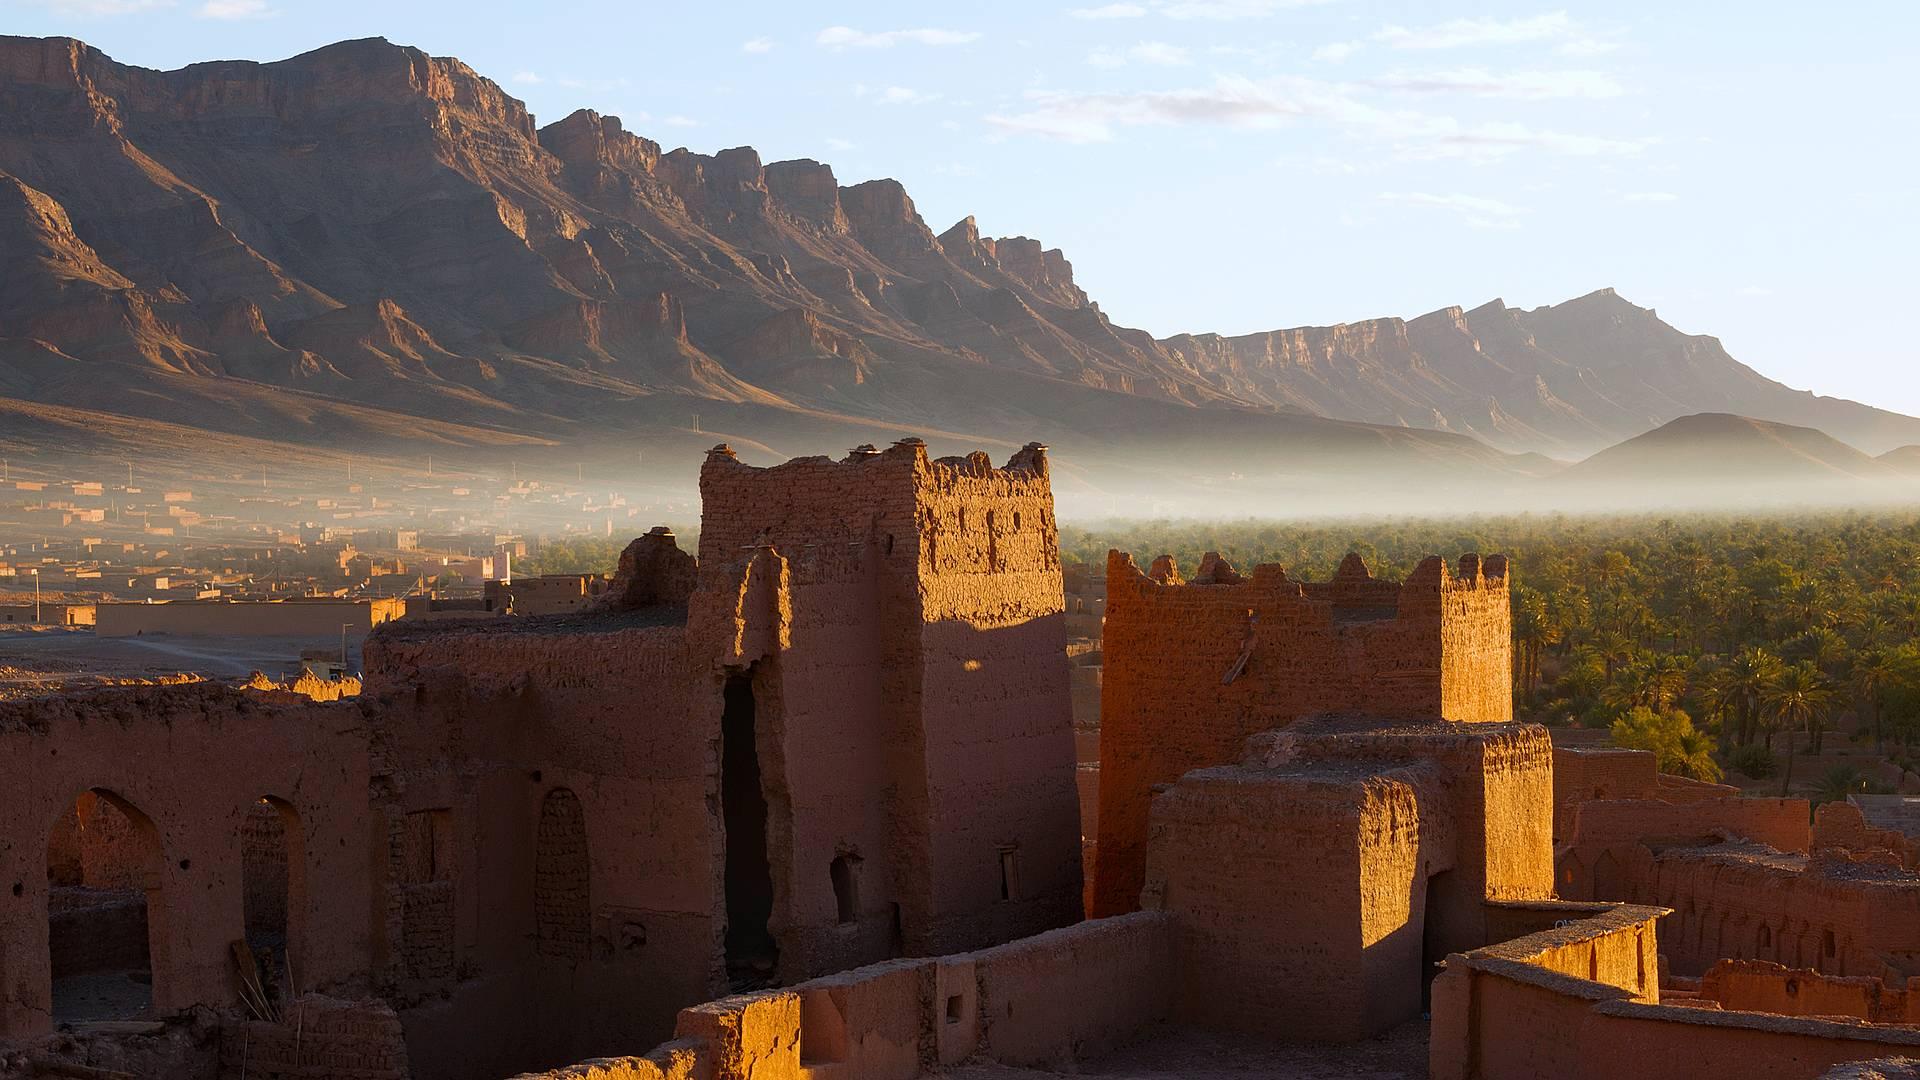 Marocco autentico: alla scoperta dell'Erg Chegaga